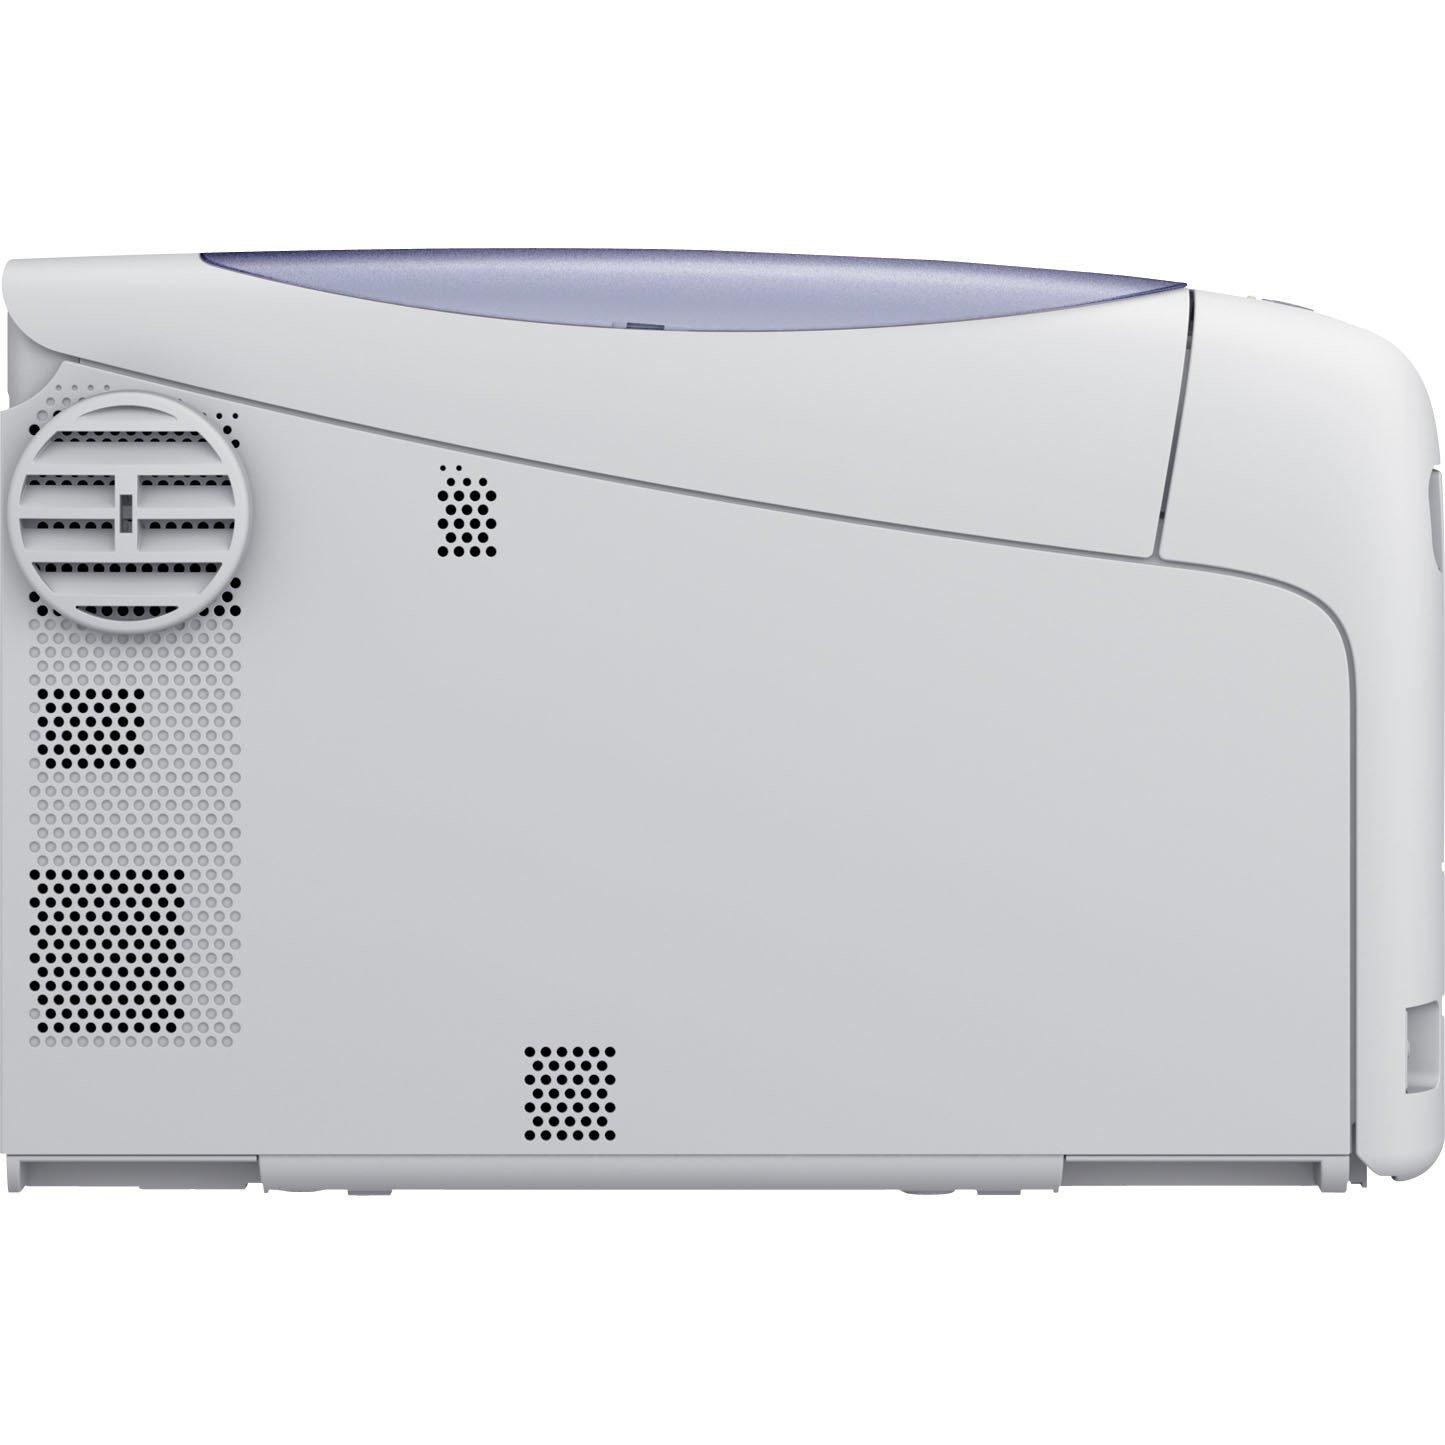 Oki C800 C831N LED Printer - Colour - 1200 x 600 dpi Print - Plain Paper Print - Desktop